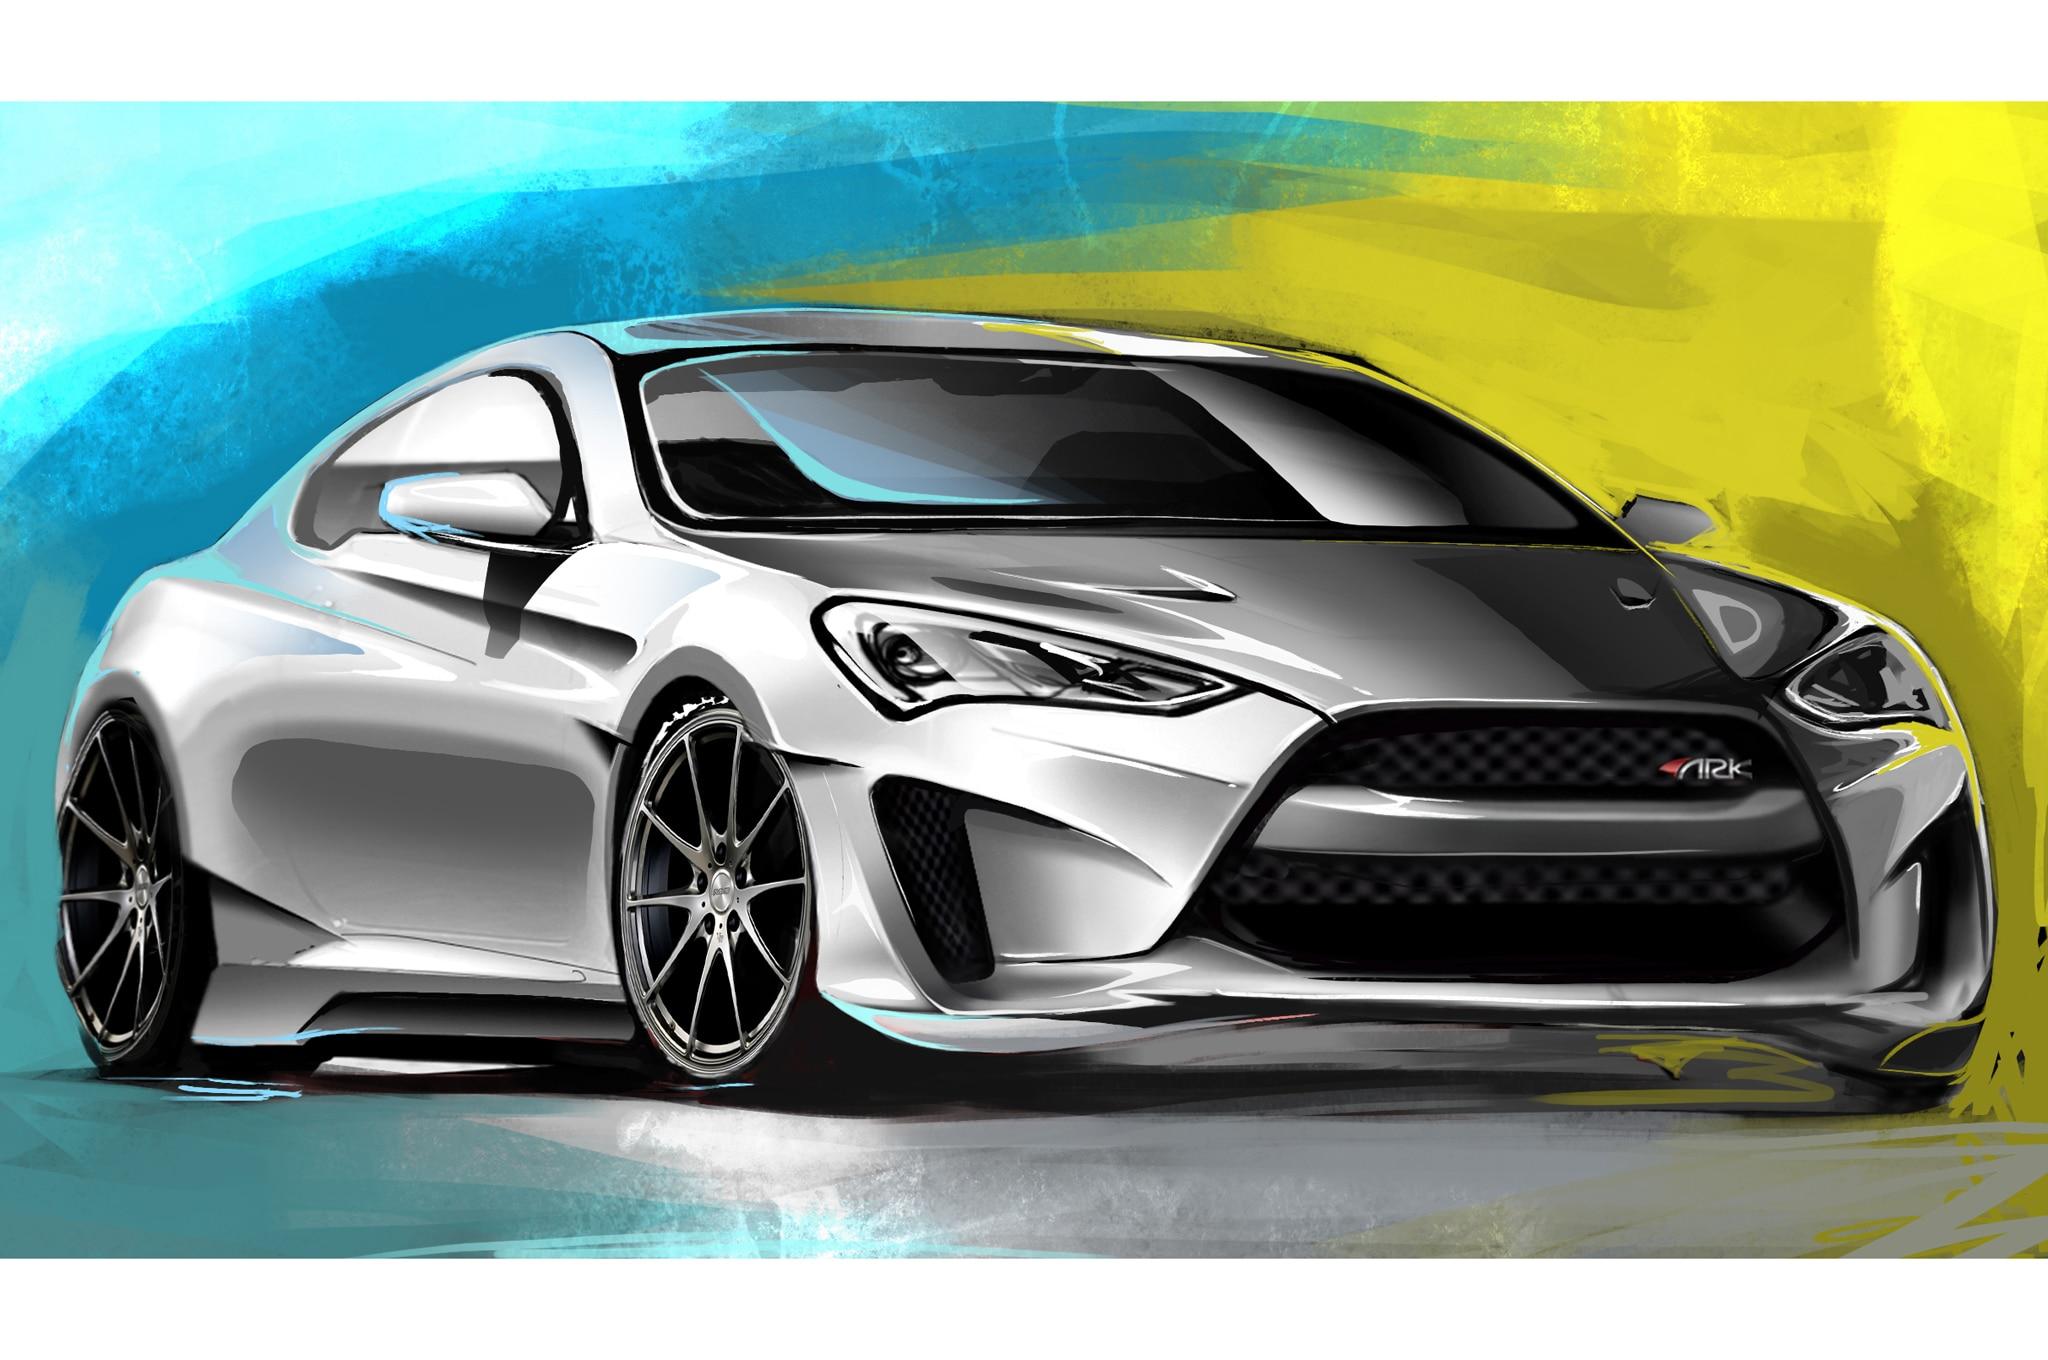 Hyundai Genesis Coupe Gains 4 0 Liter Engine For Sema Show